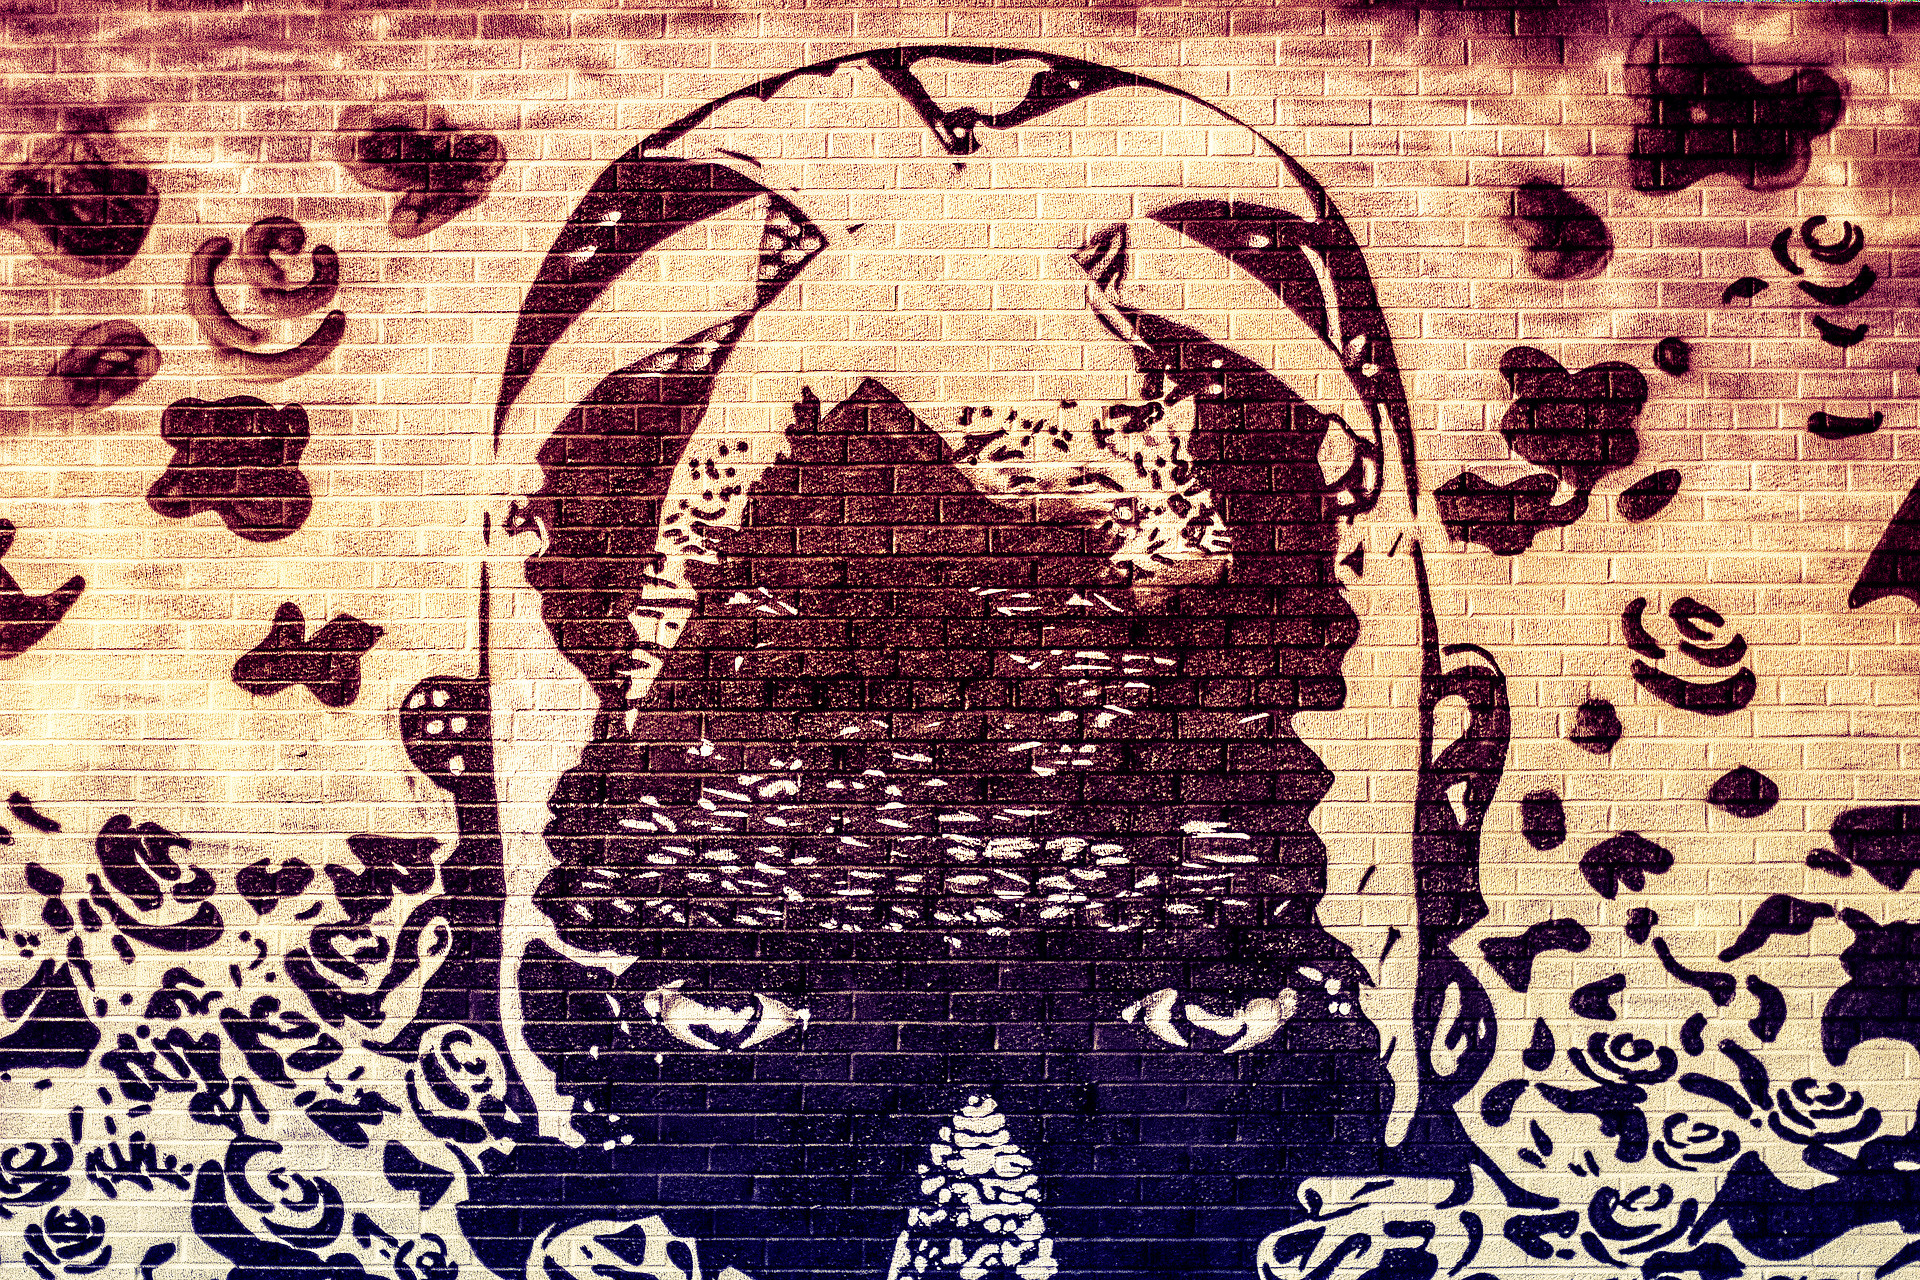 graffiti-3738084_1920.jpg